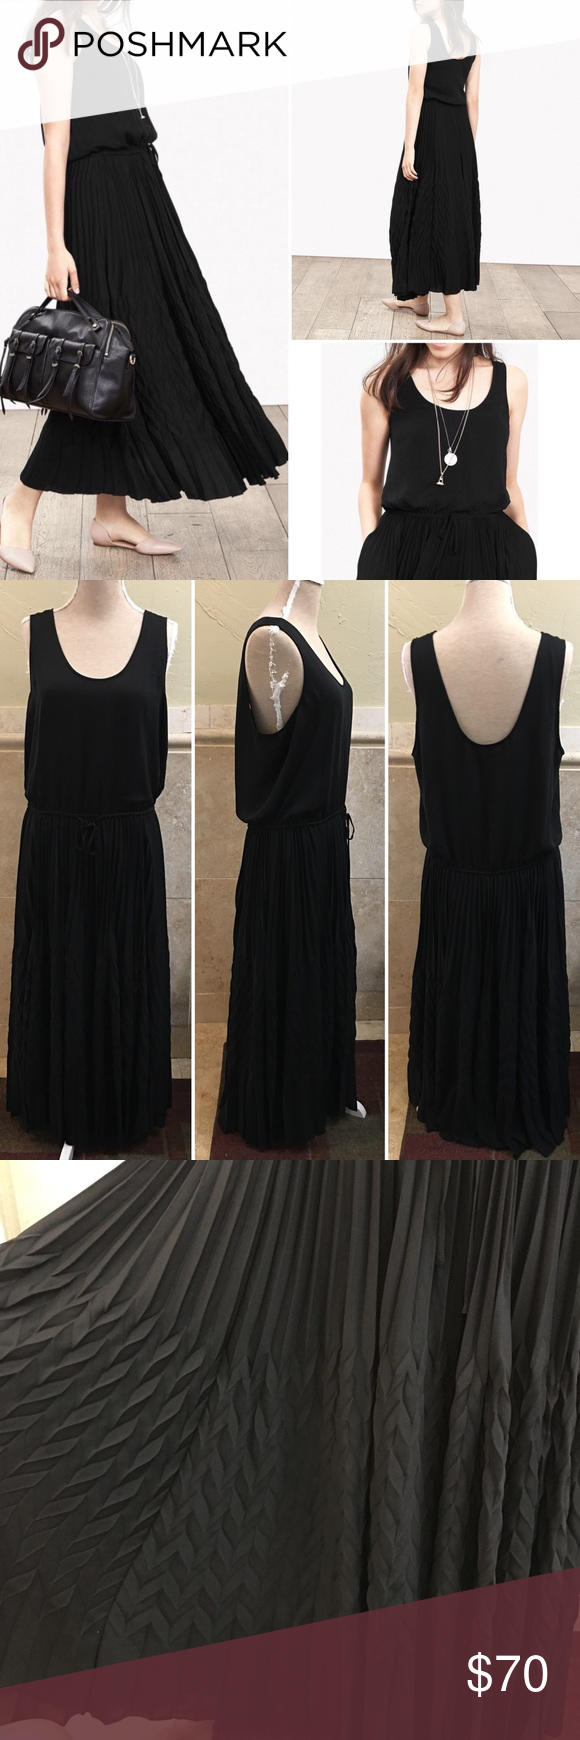 Banana Republic Zigzag Maxi Black Dress Xl Black Maxi Dress Black Dress Dresses [ 1740 x 580 Pixel ]